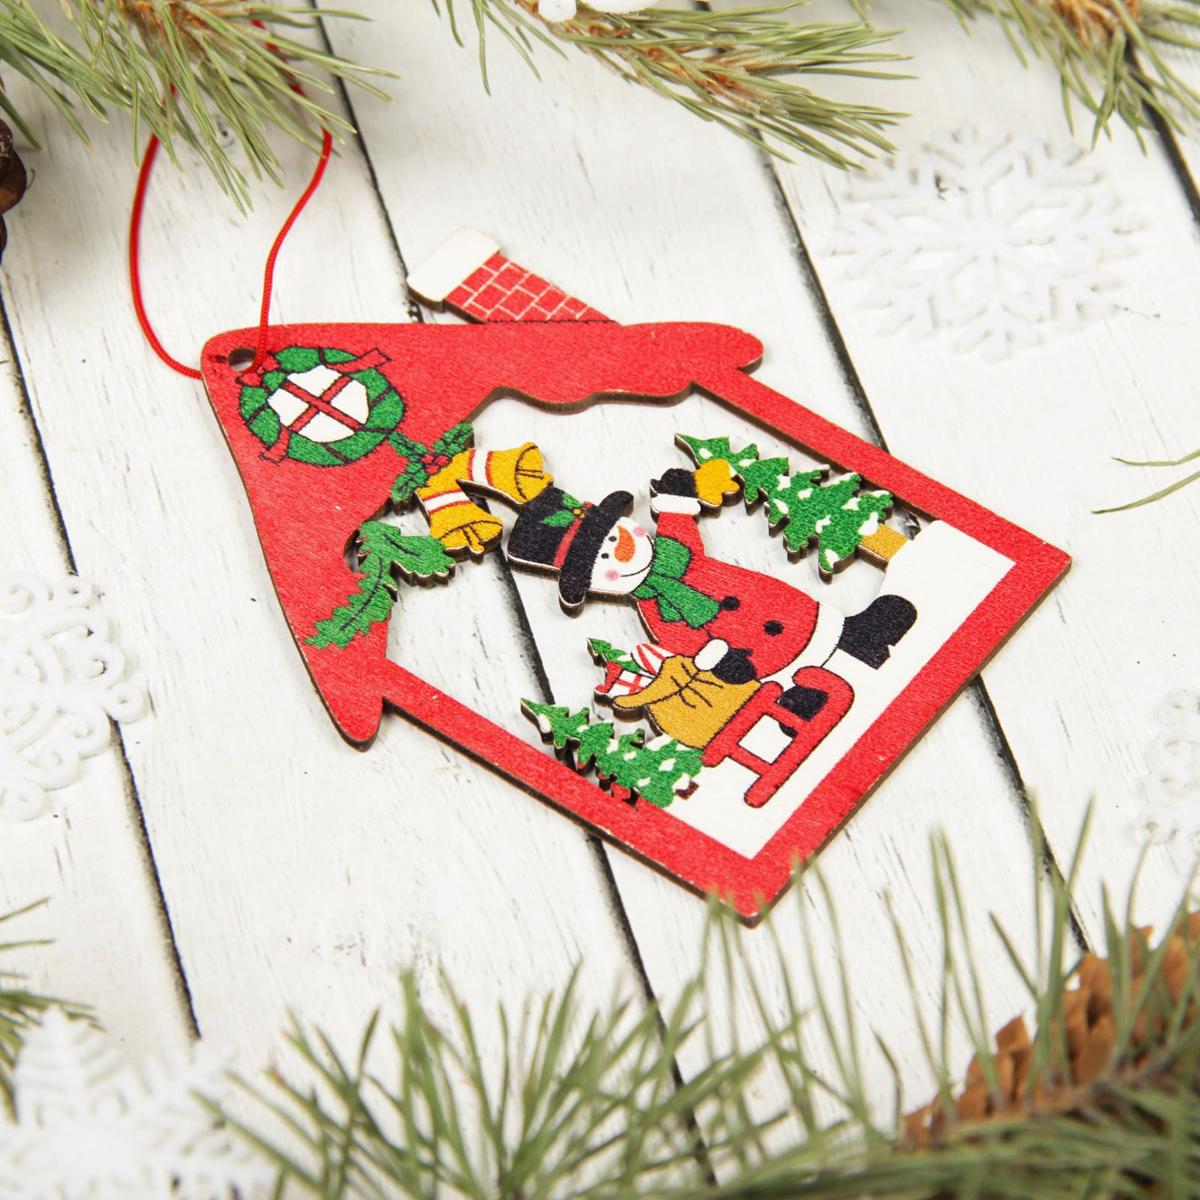 Украшение новогоднее подвесное Sima-land Снеговик с подарками, 10 х 7,5 см2303284Невозможно представить нашу жизнь без праздников! Мы всегда ждём их и предвкушаем, обдумываем, как проведём памятный день, тщательно выбираем подарки и аксессуары, ведь именно они создают и поддерживают торжественный настрой.